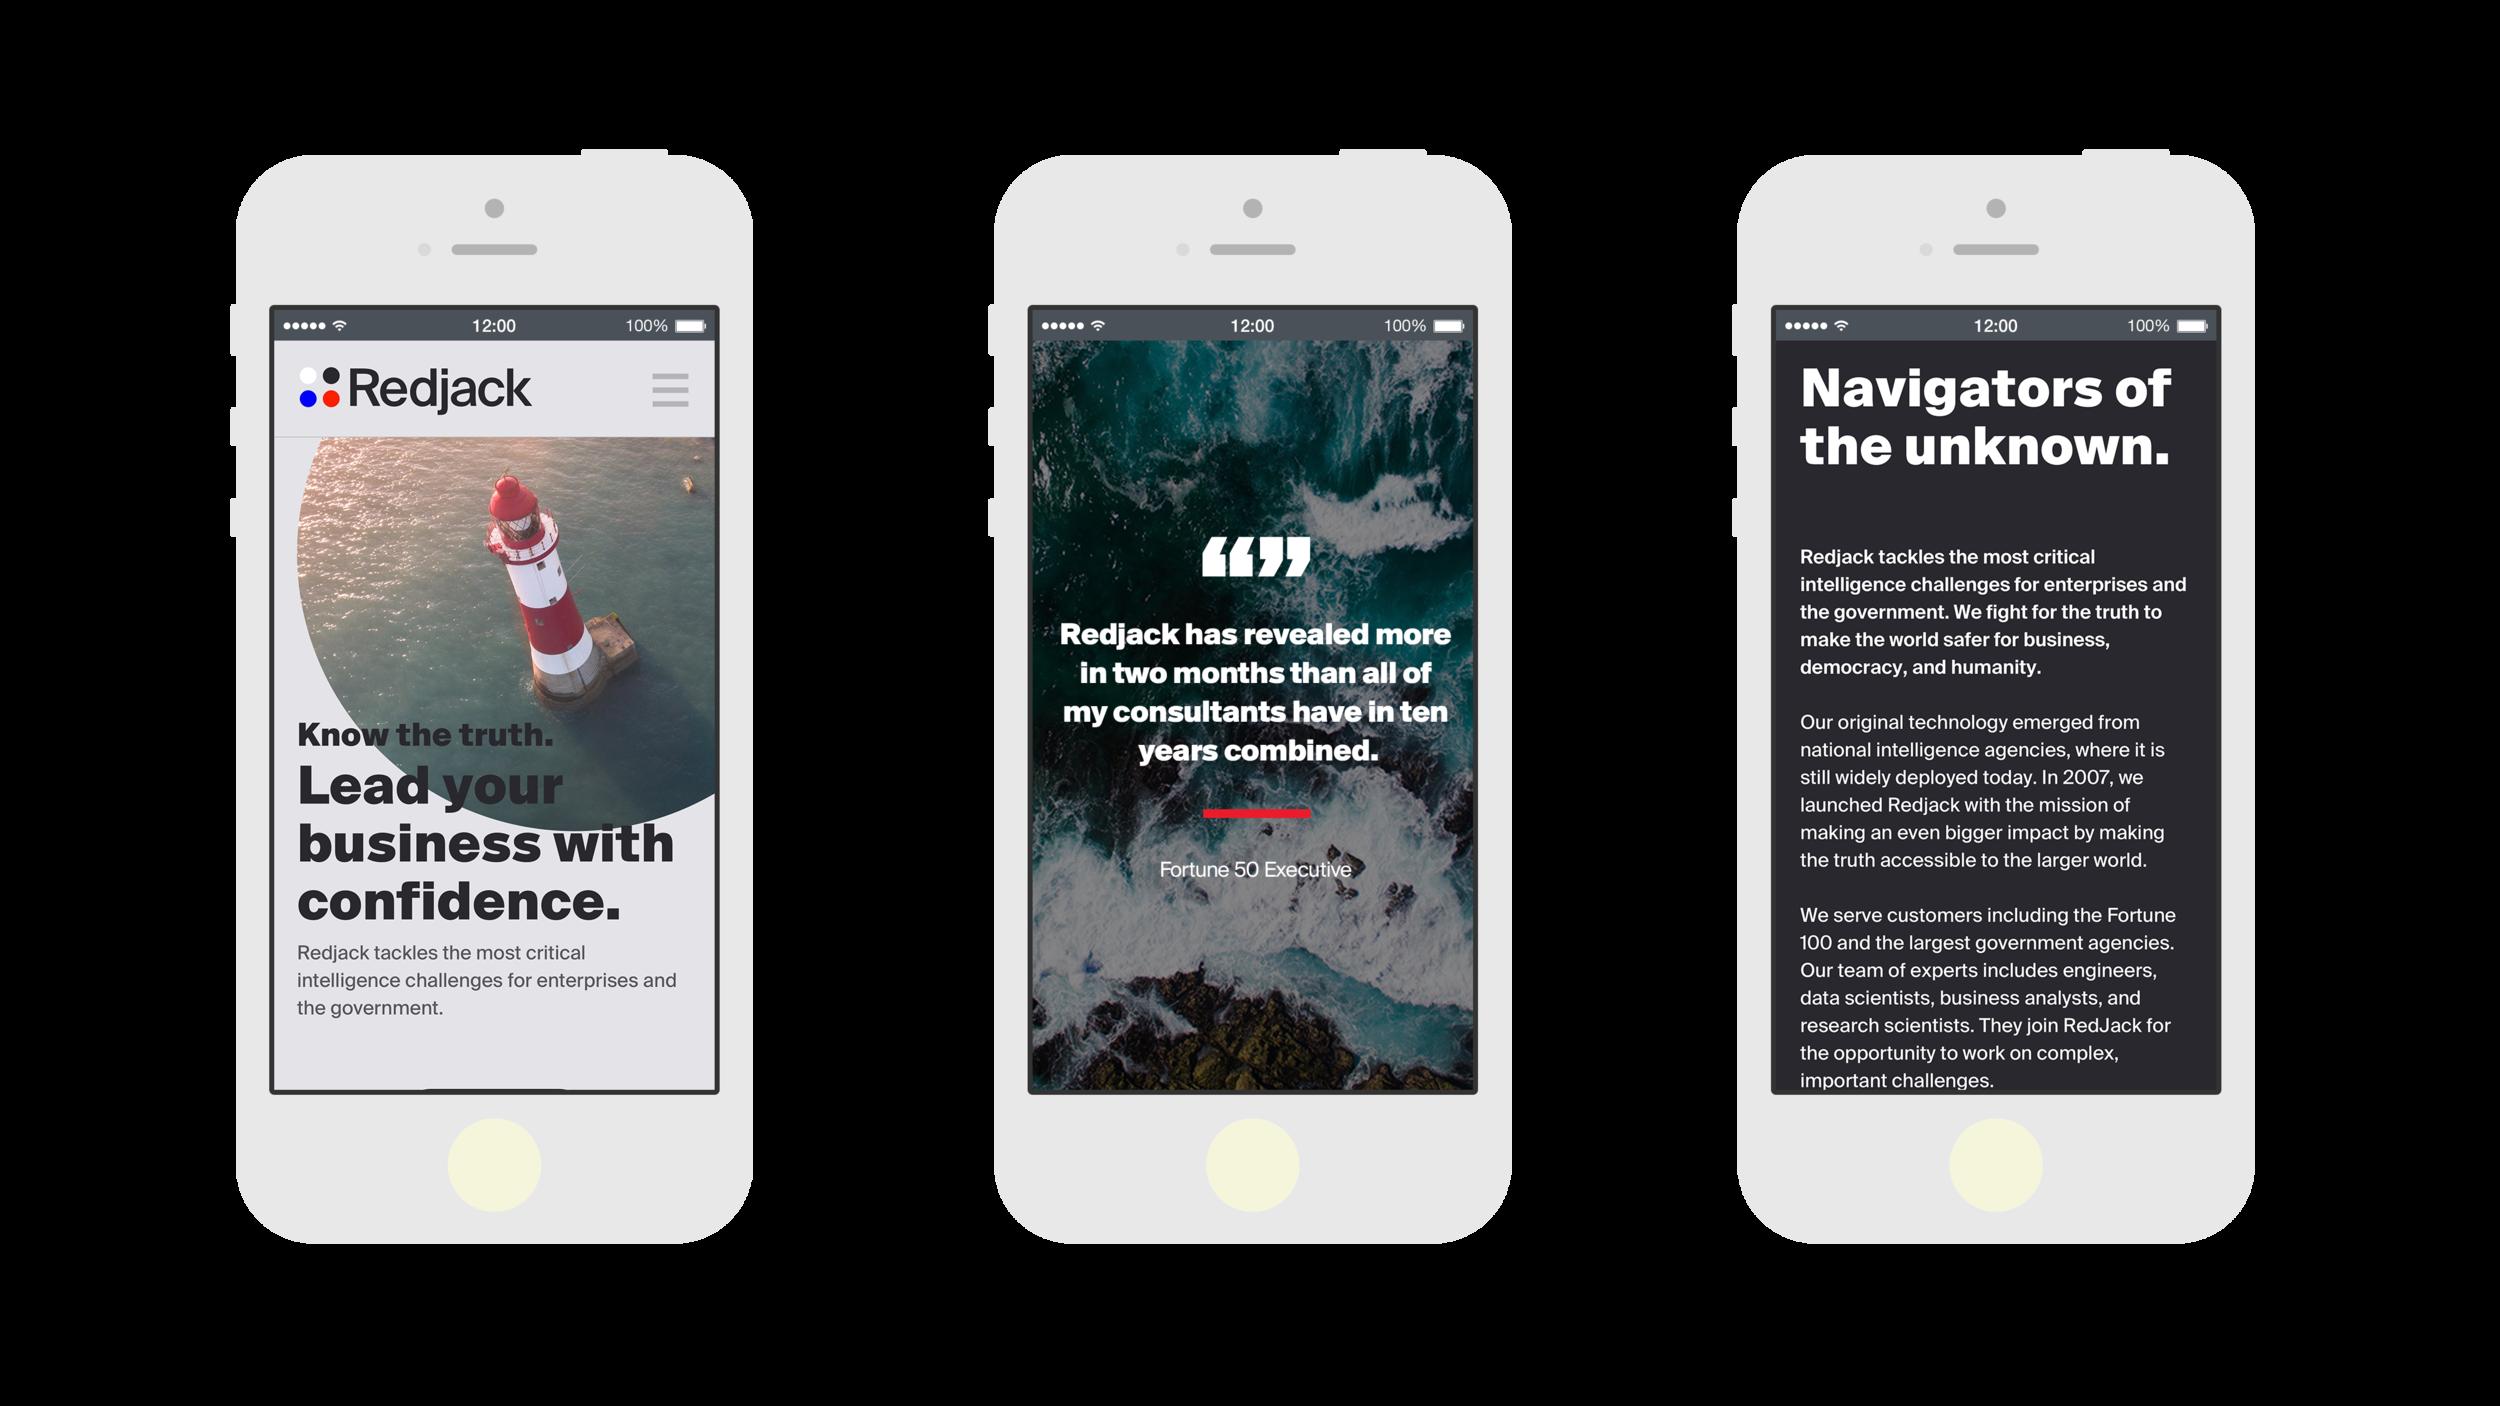 redjack-website-mobile.png